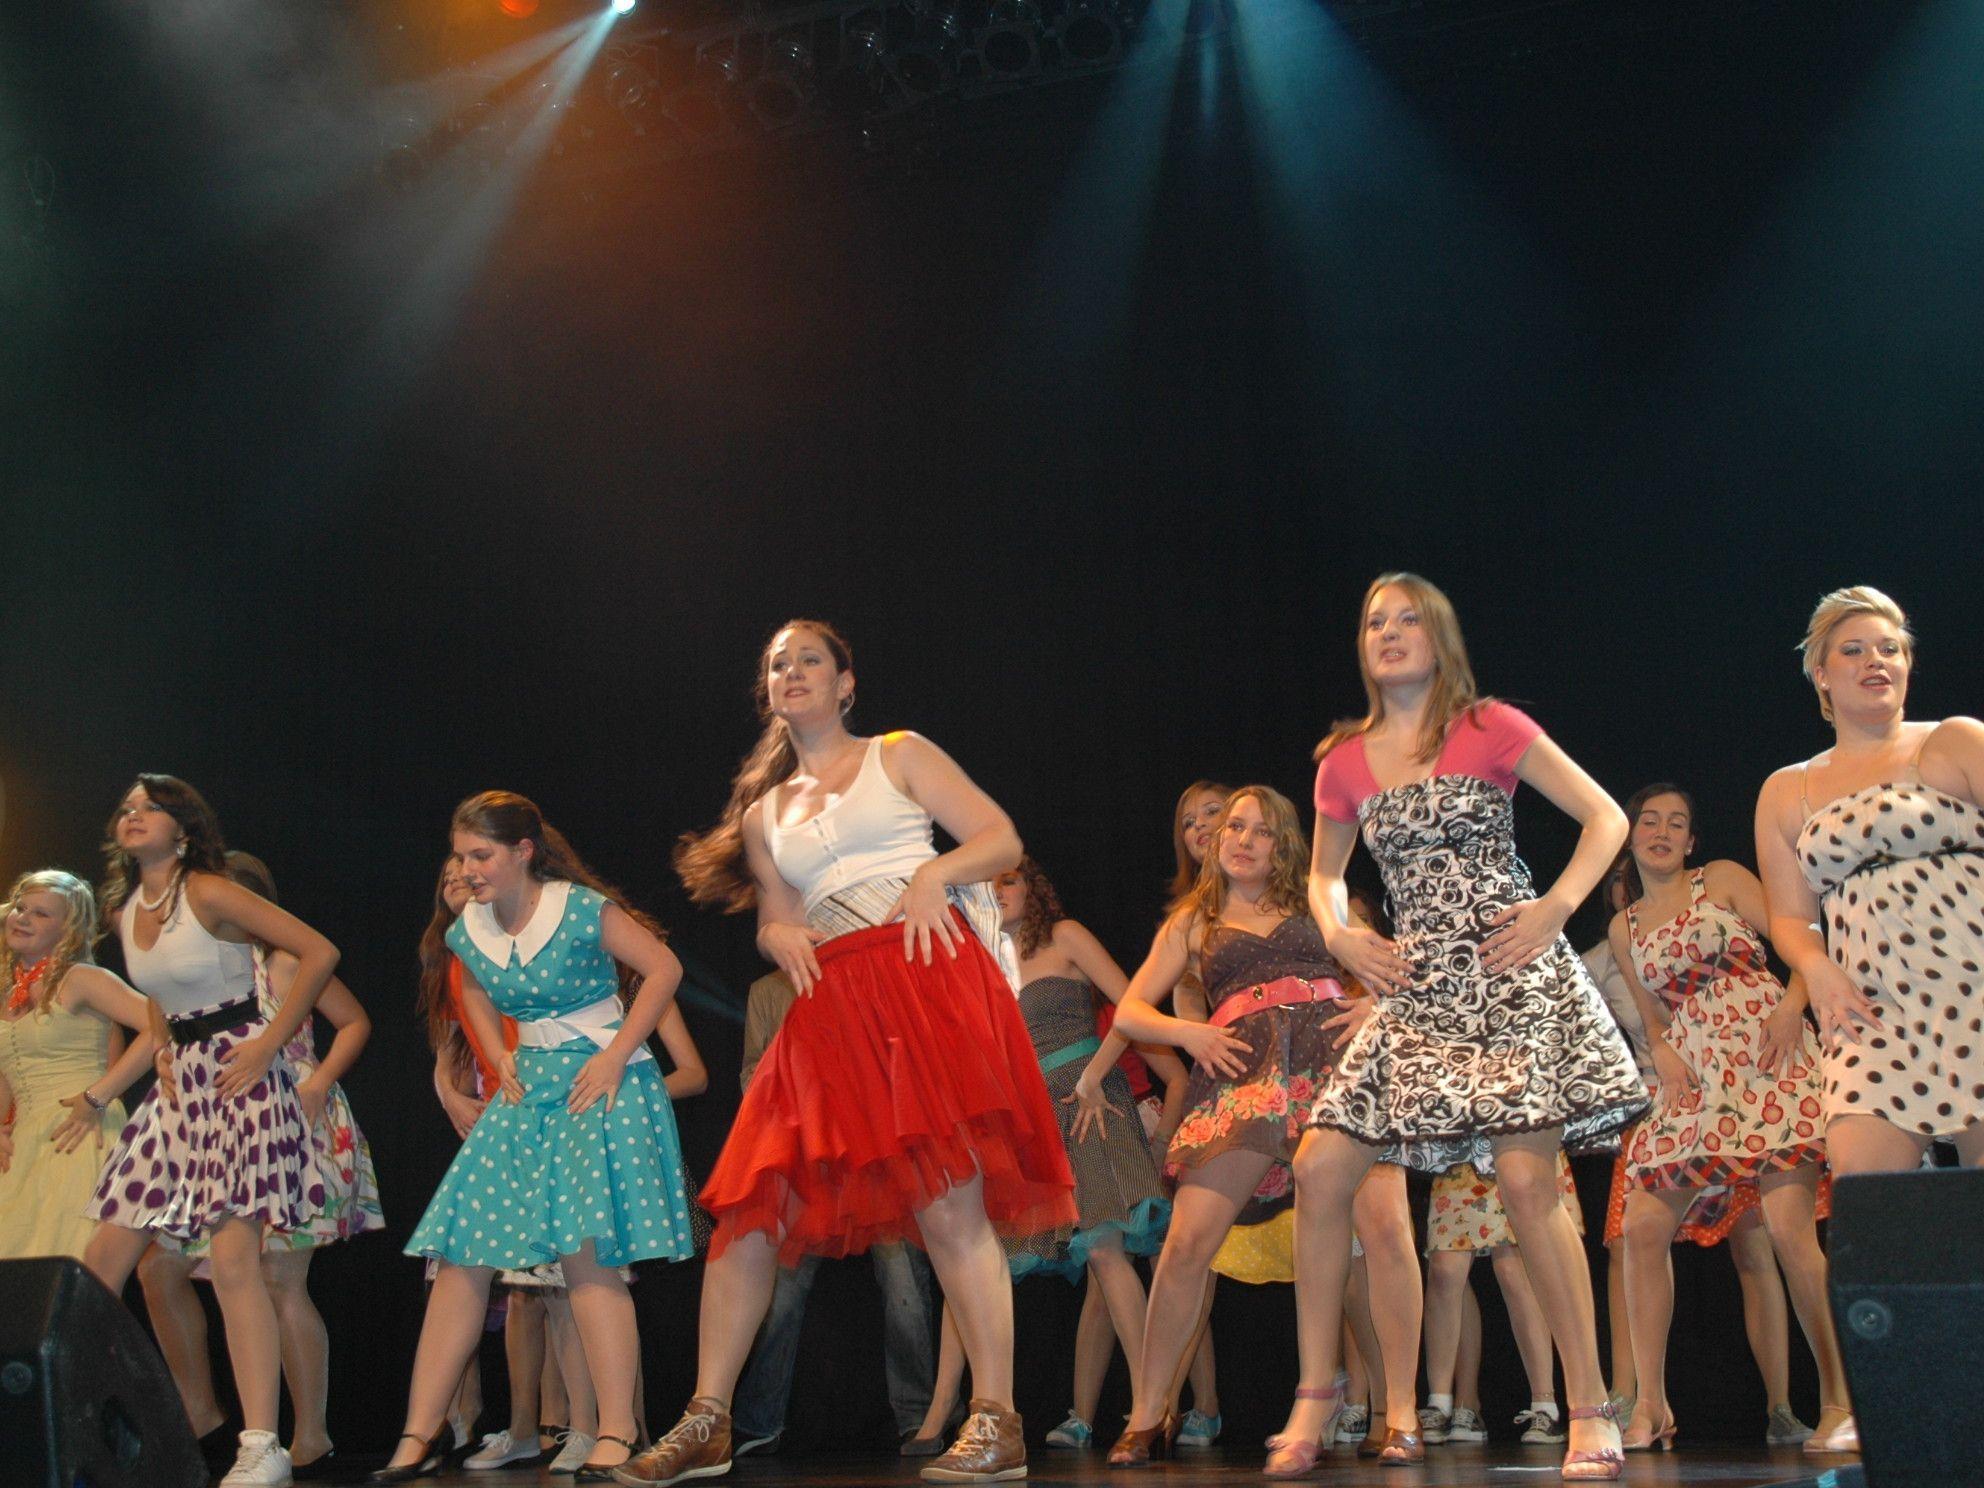 Die Mitglieder von WAMCO wollen bei der Songnight das Publikum wieder begeistern!